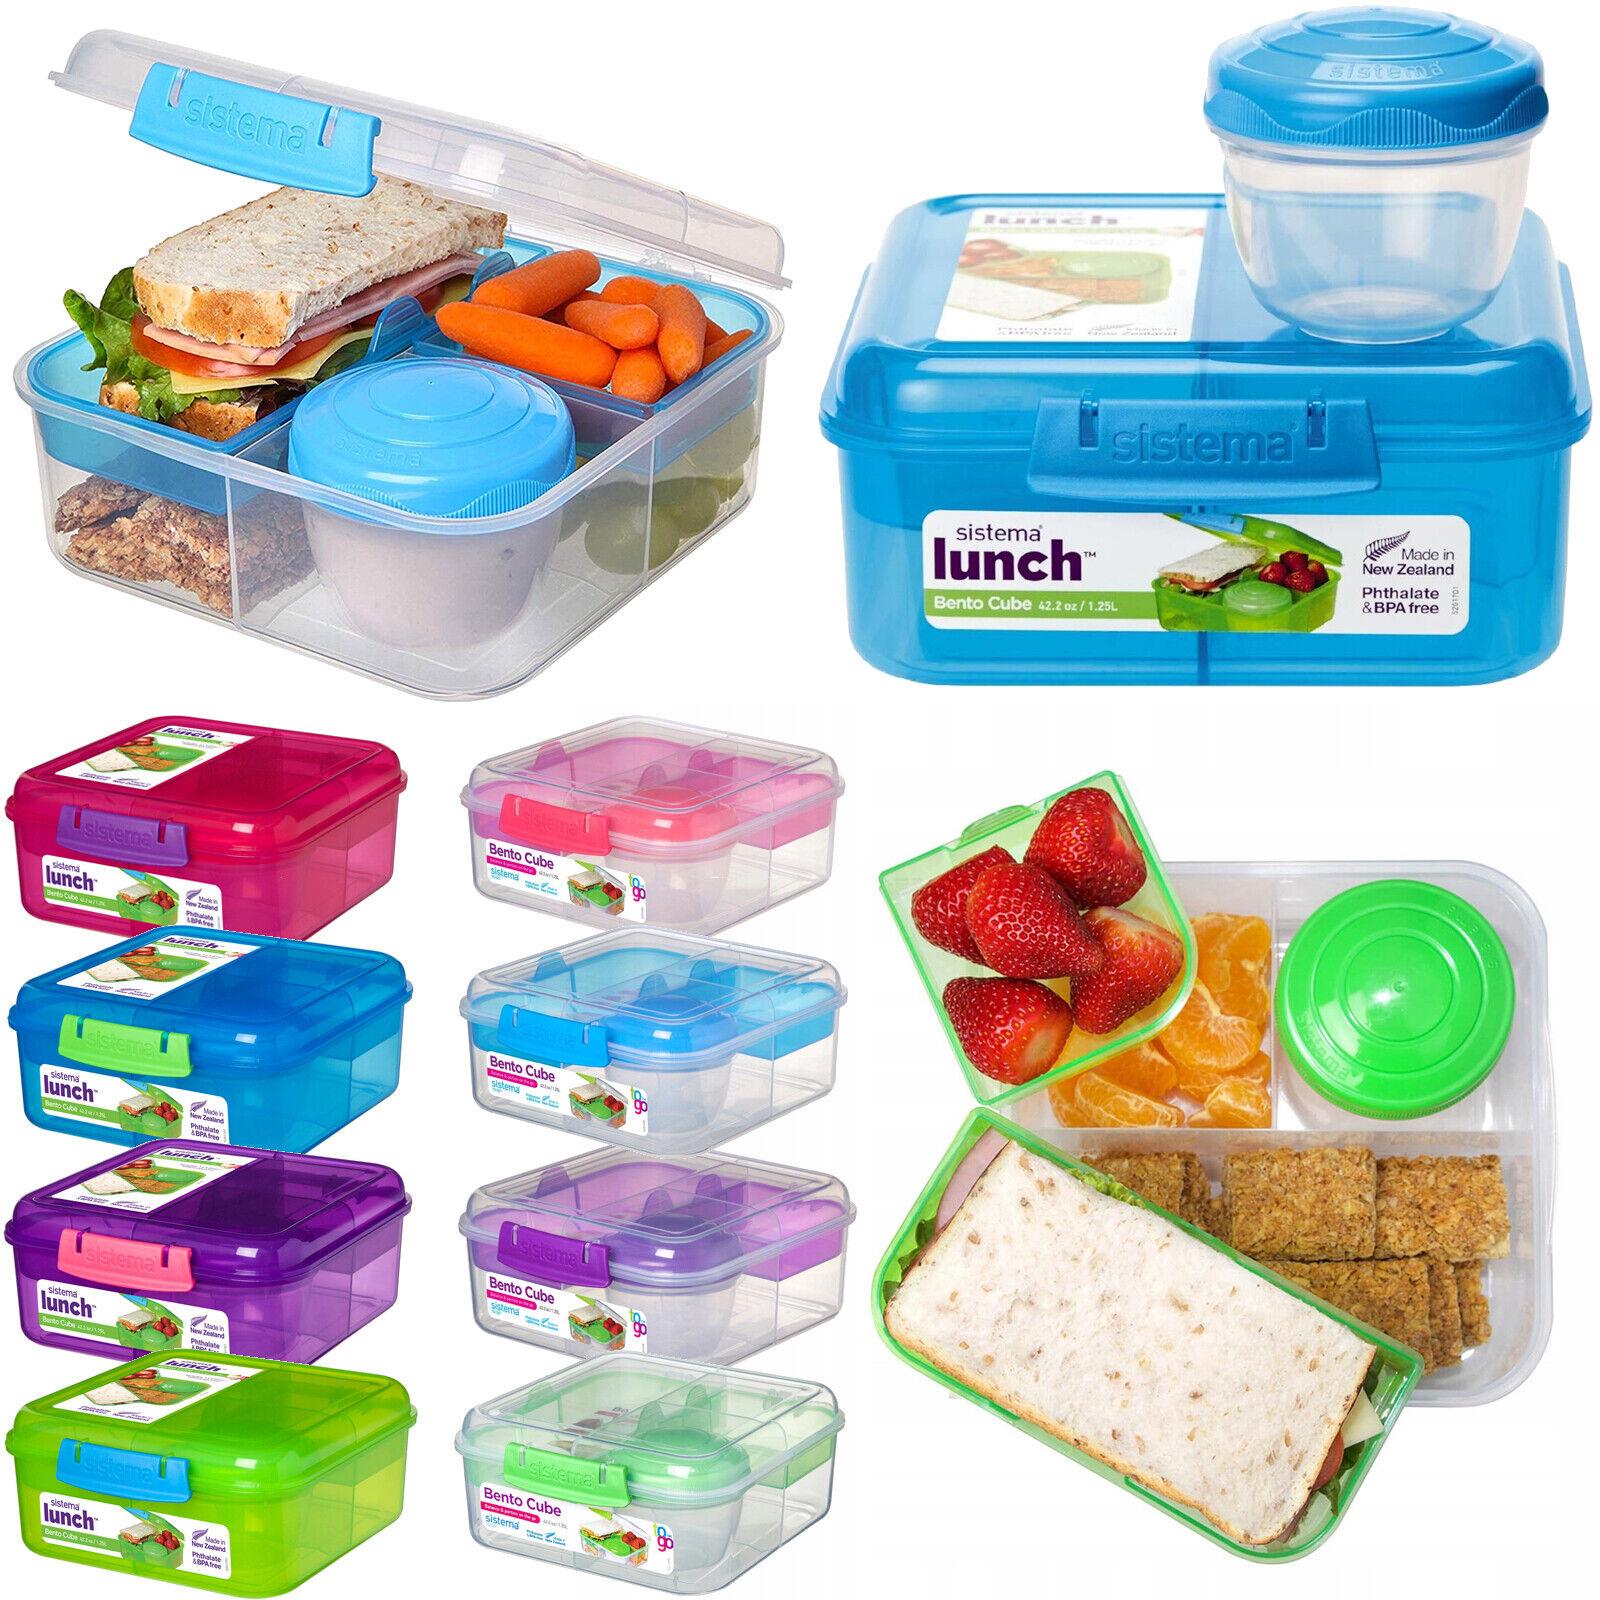 Bento Cube Lunchbox Joghurtbecher Brotdose Brotbox Vesperdose Quaddie Frischebox